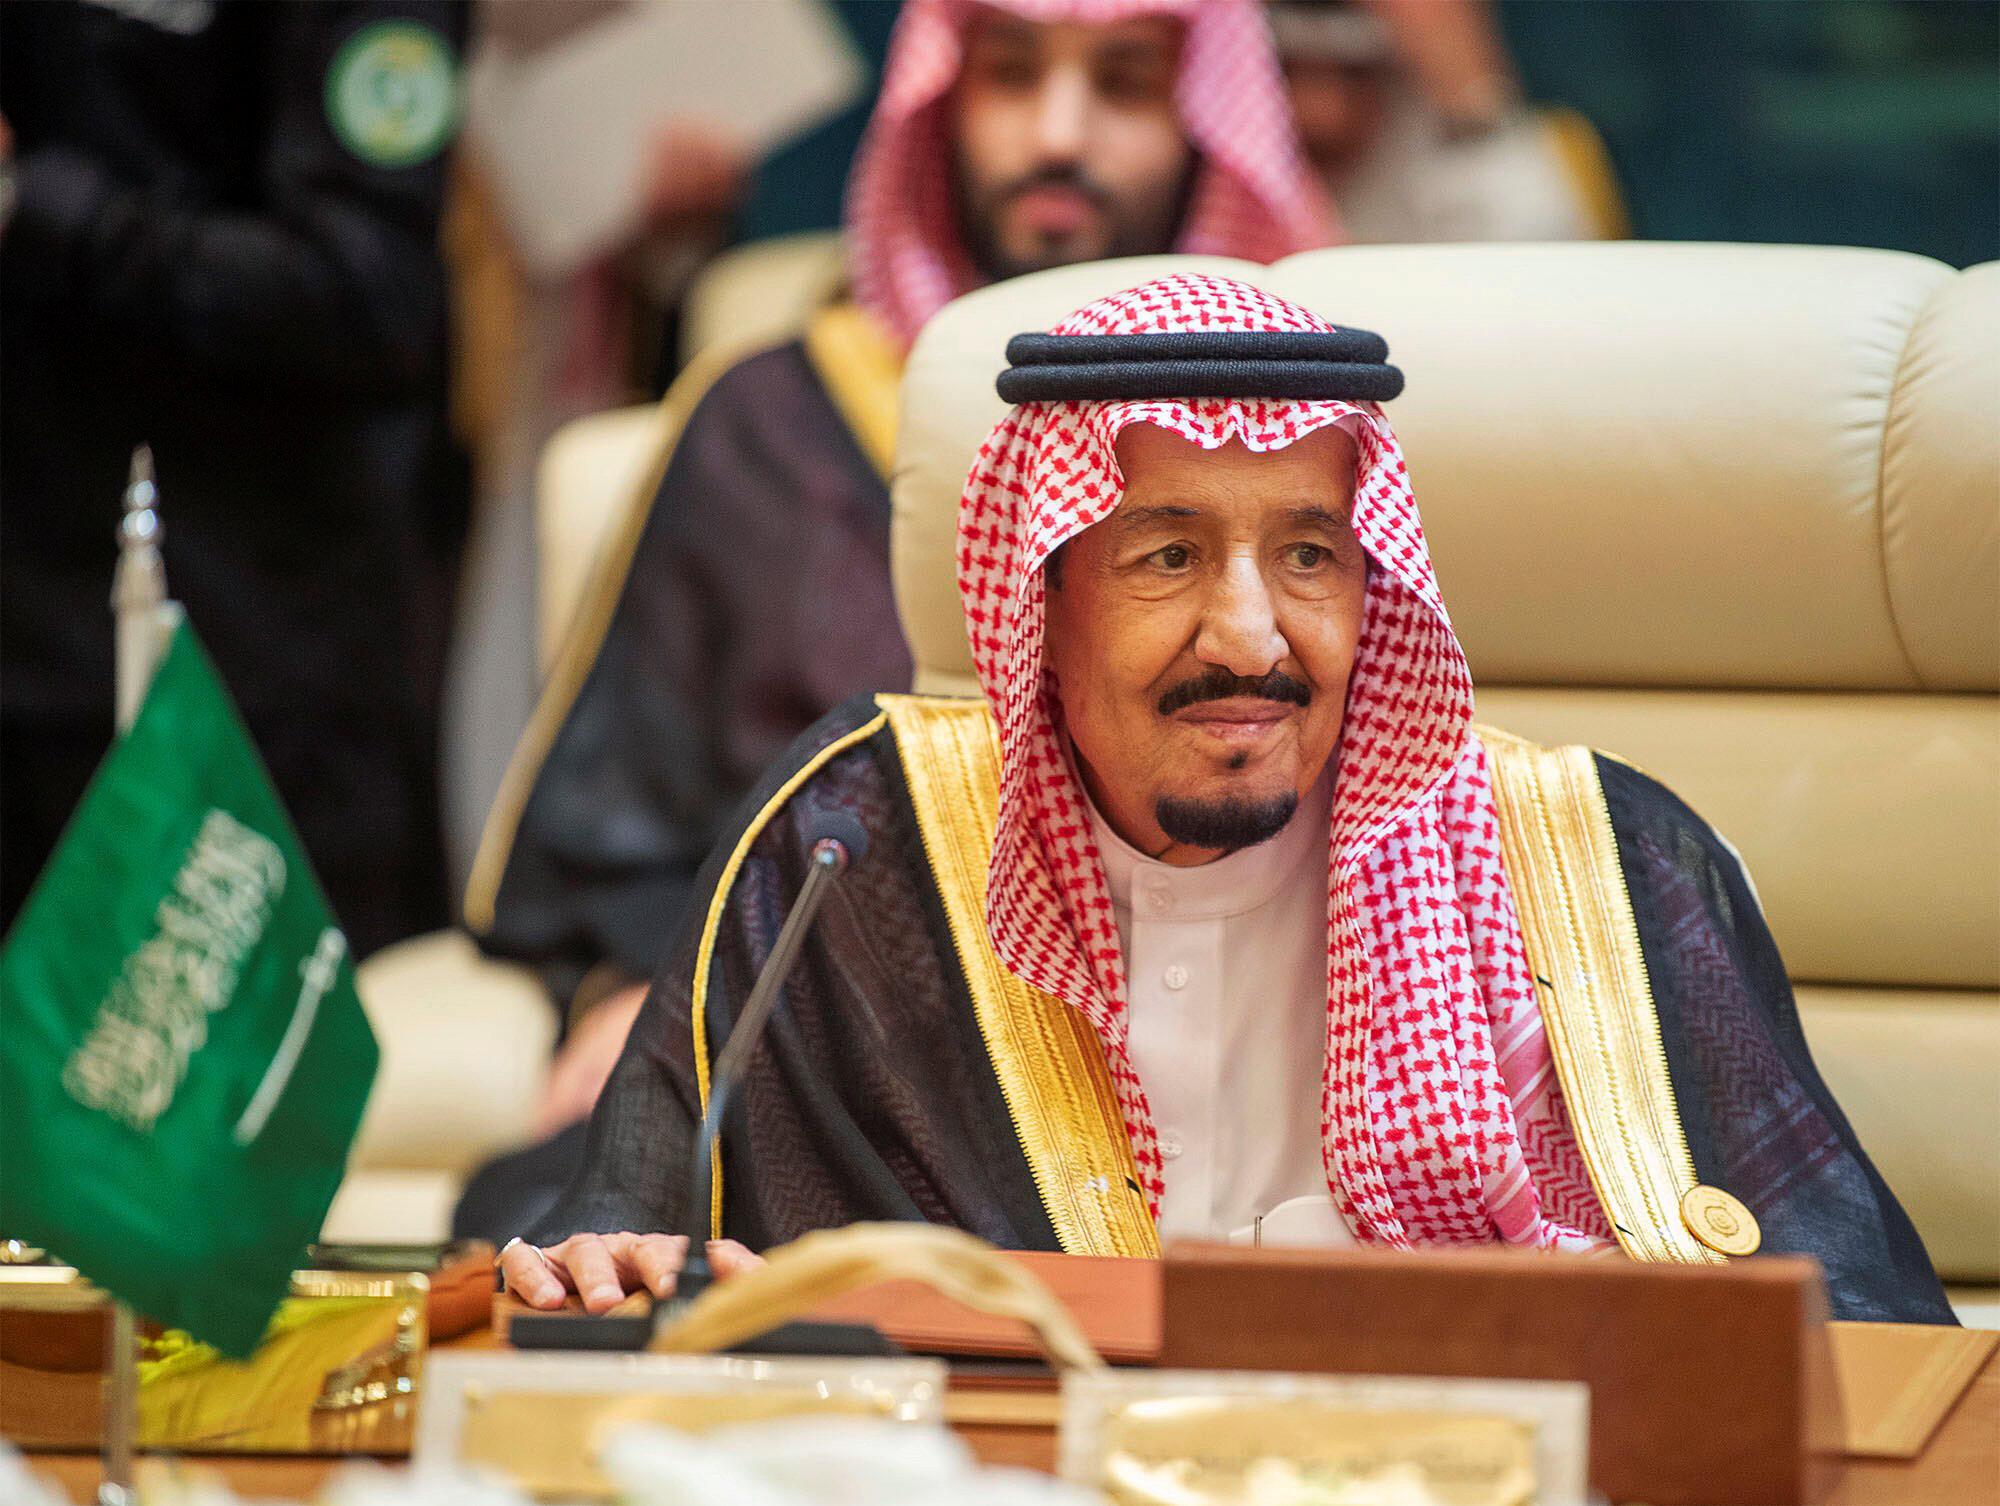 پادشاه عربستان نشست شورای همکاری خلیج فارس را افتتاح کرد